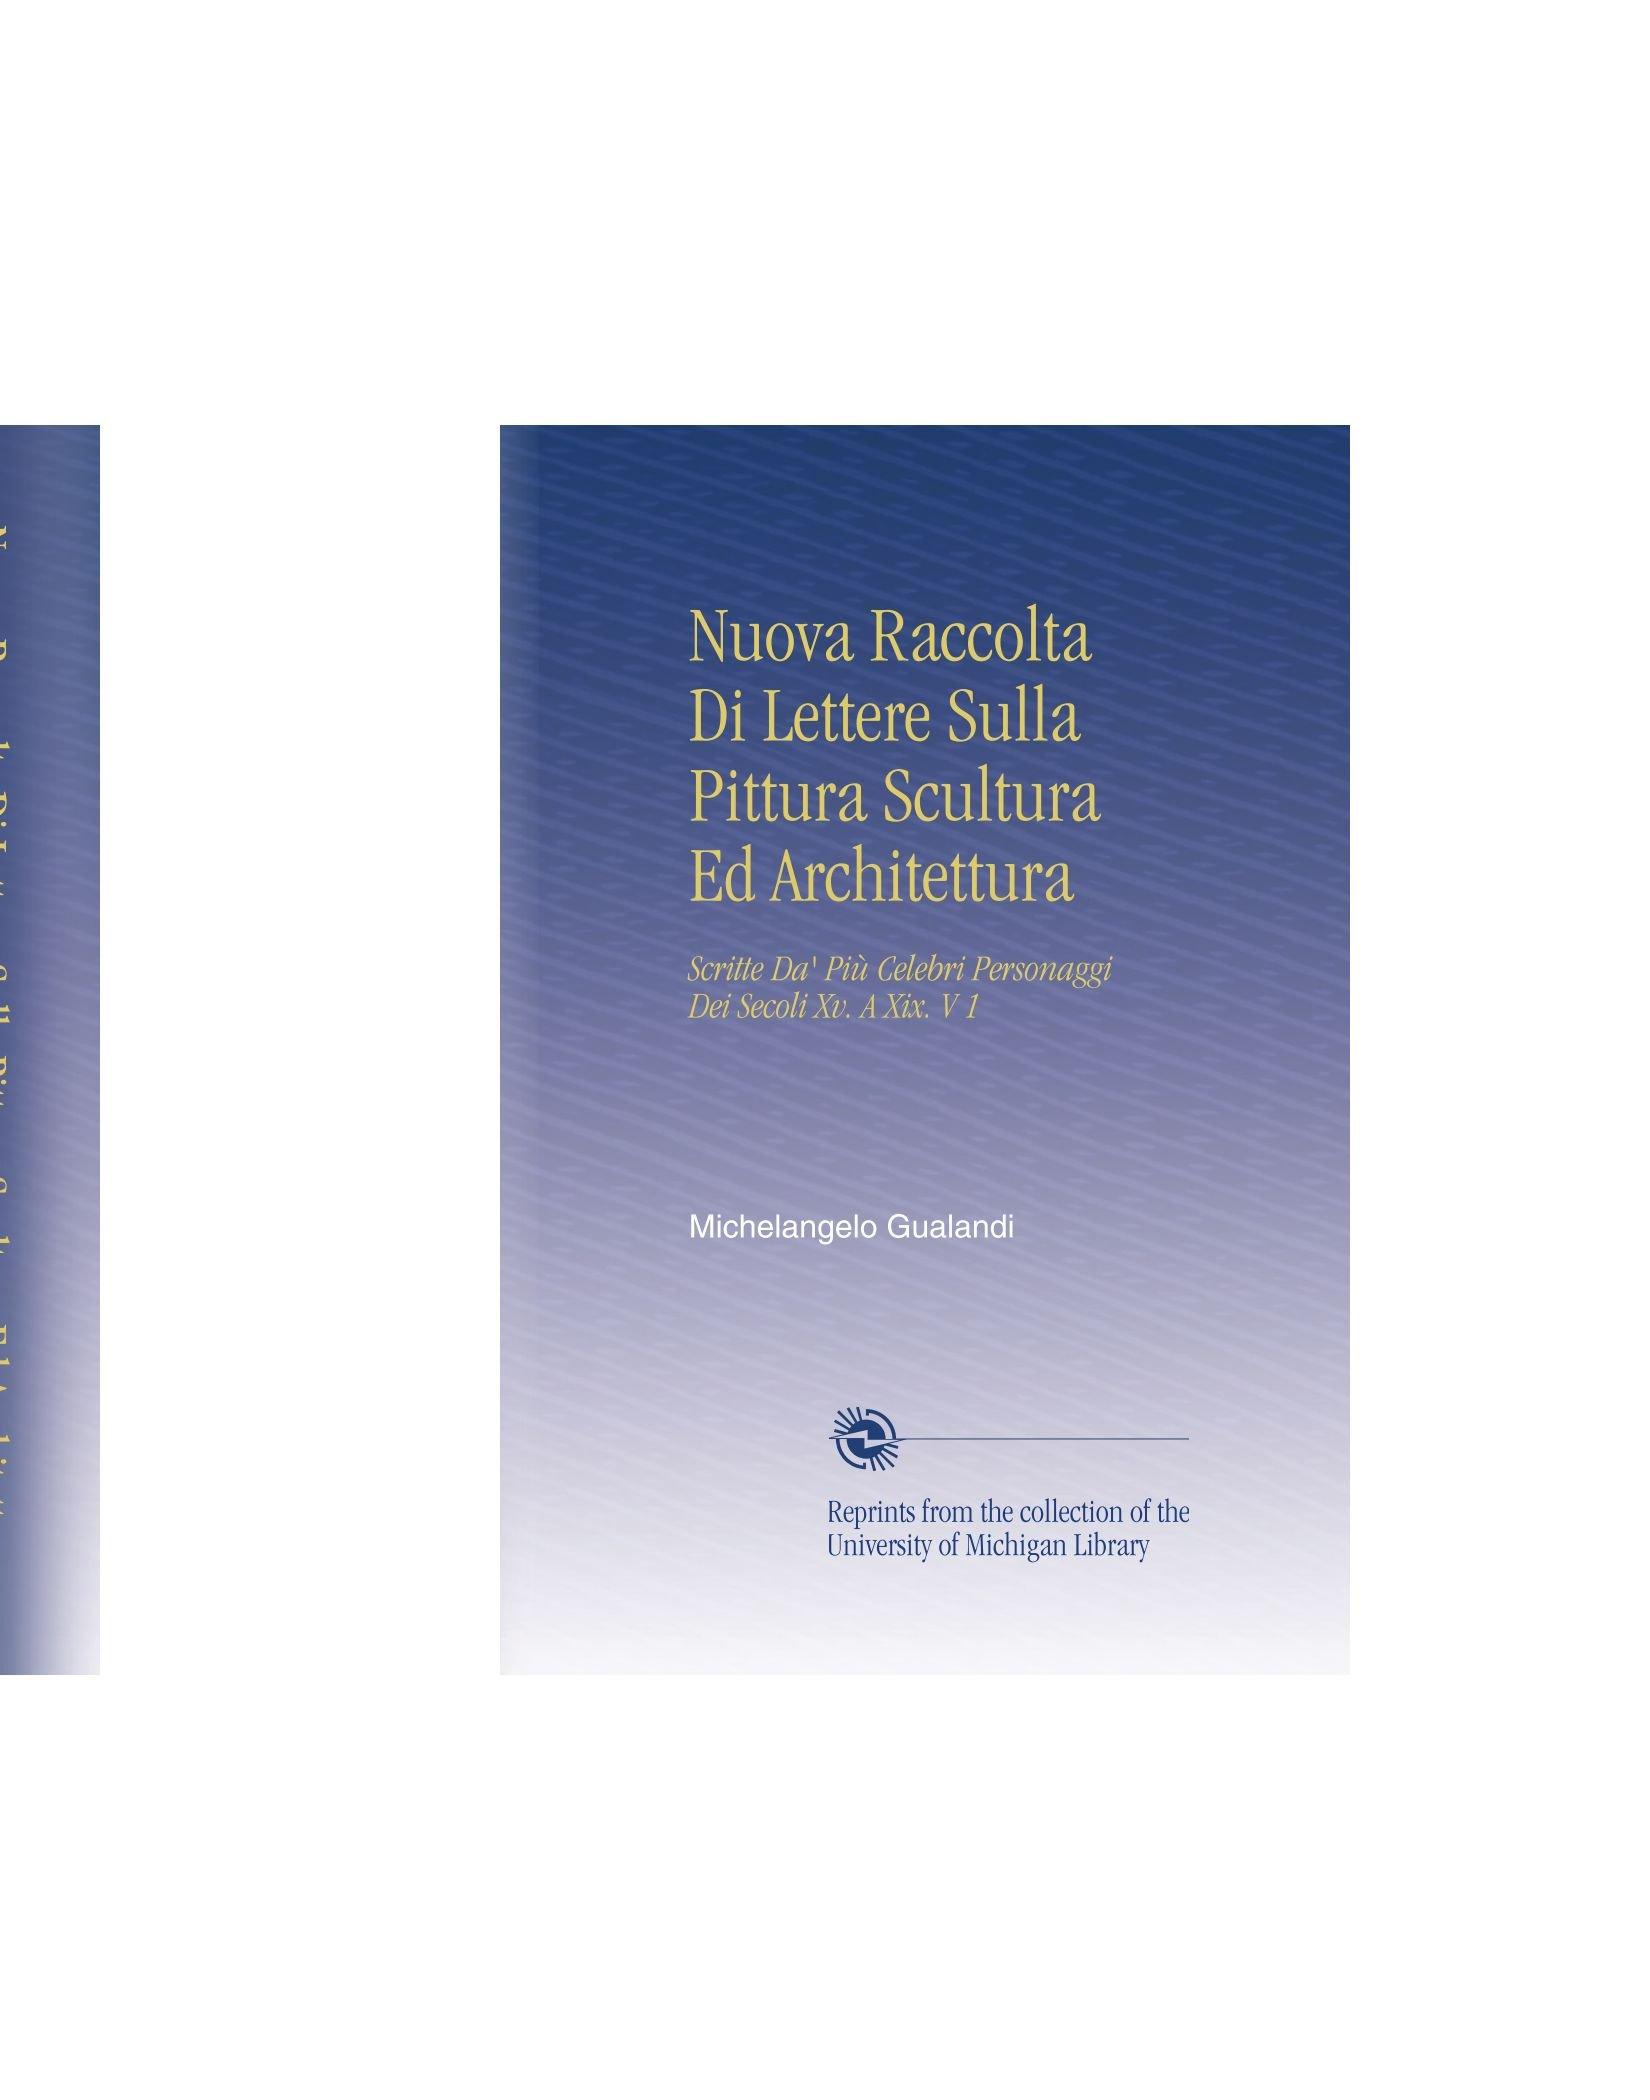 Nuova Raccolta Di Lettere Sulla Pittura Scultura Ed Architettura: Scritte Da' Più Celebri Personaggi Dei Secoli Xv. A Xix. V 1 (Italian Edition) pdf epub